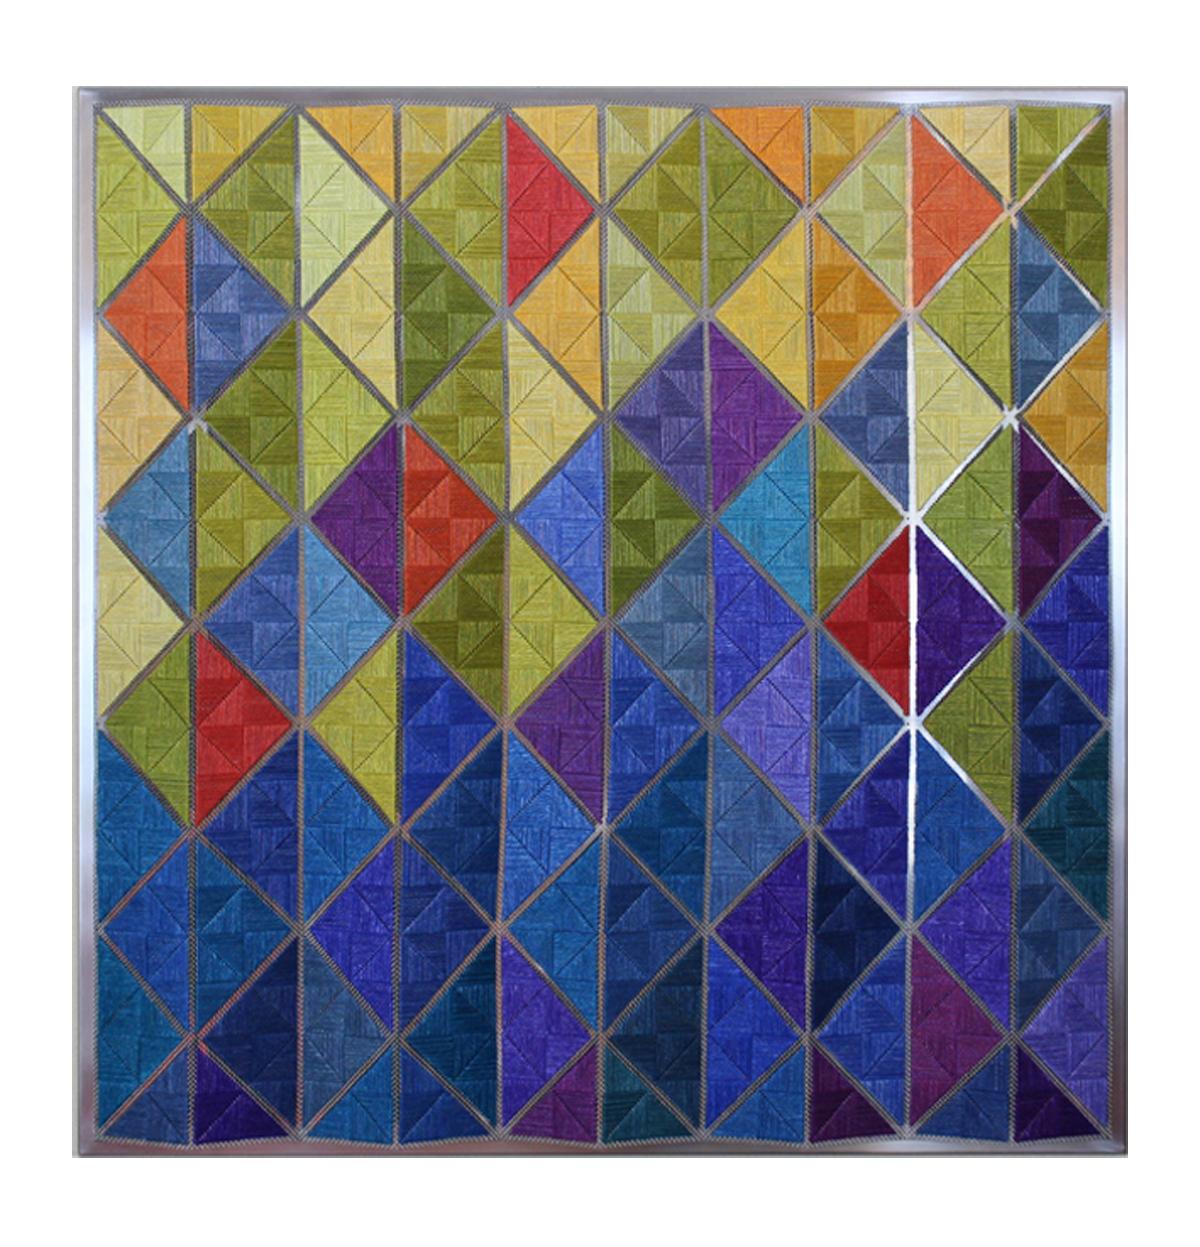 Gudrun Söderholm Textil | Broderi på metallduk H58 x B57 x D4 cm 12 000 kr konsthantverkscentrum.org